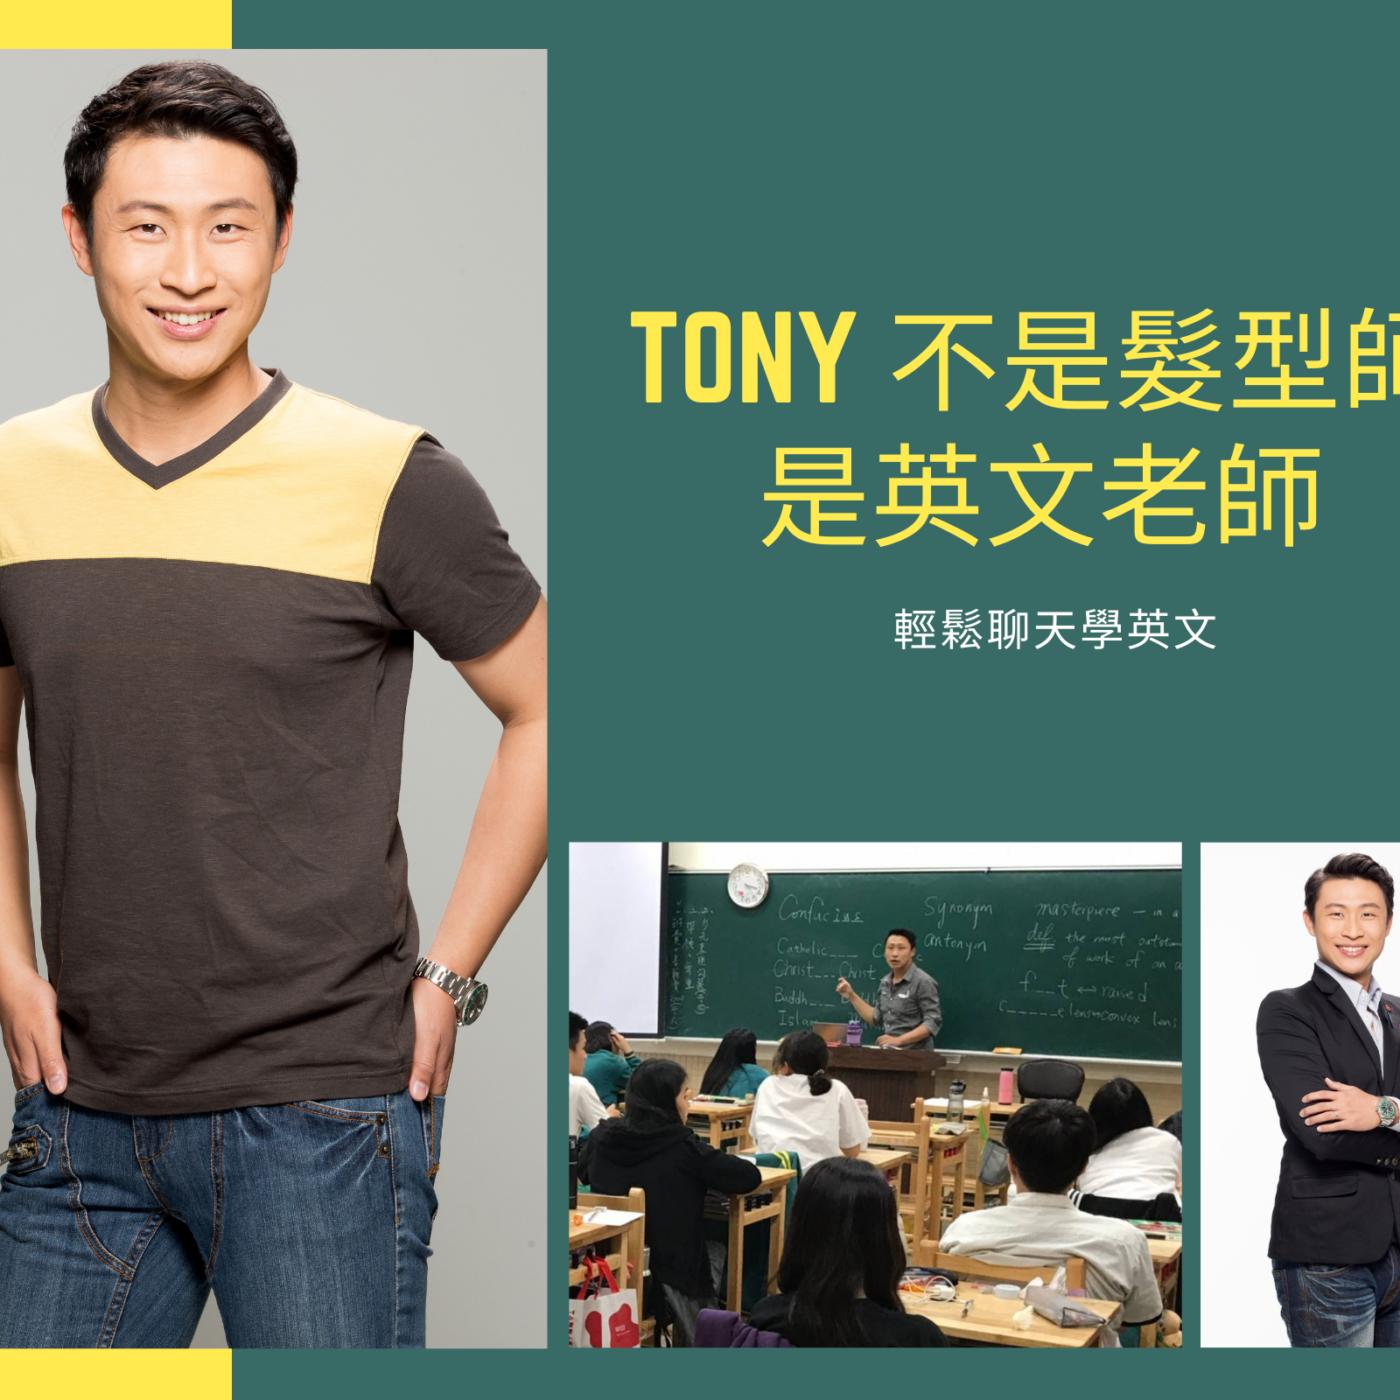 為什麼講到Tony就會想到髮型師?你的英文名字也是菜市場名嗎?